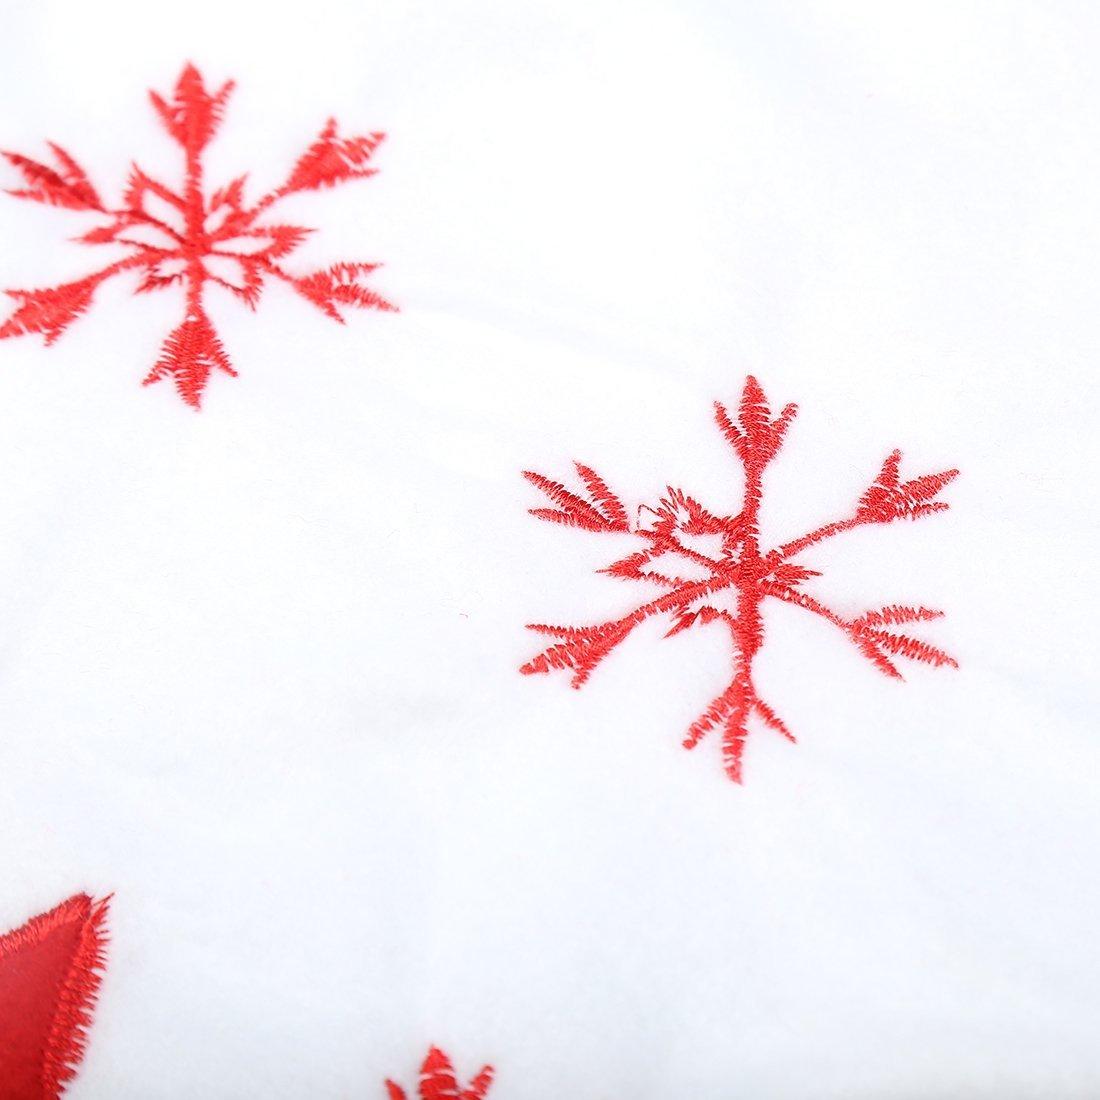 Christmas Tree Skirt 90 cm base albero di Natale di Natale Decorazioni ornamenti decorazione tappetino